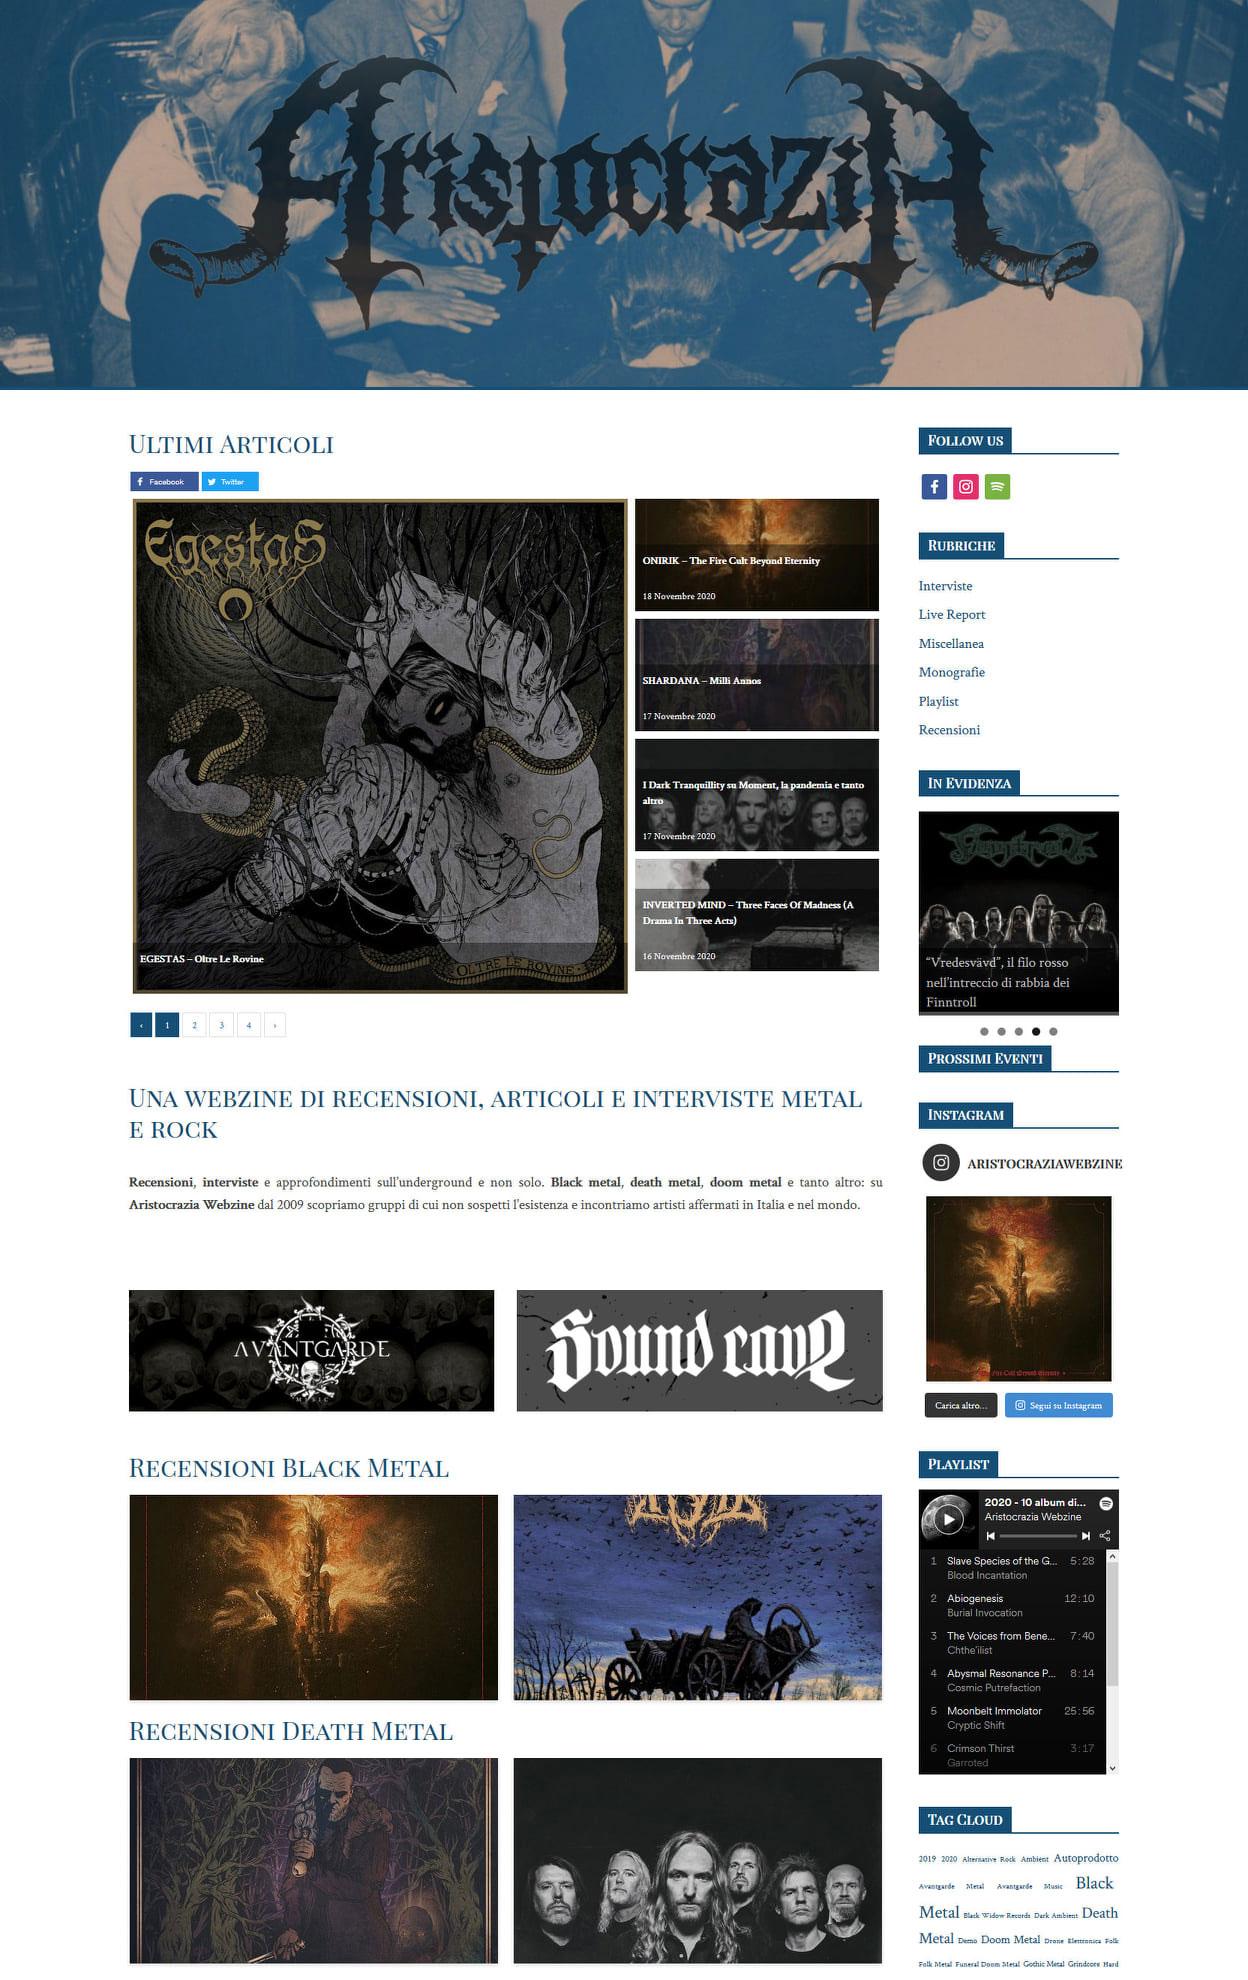 Aristocrazia Webzine: recensione di 'Oltre le rovine' degli Egestas